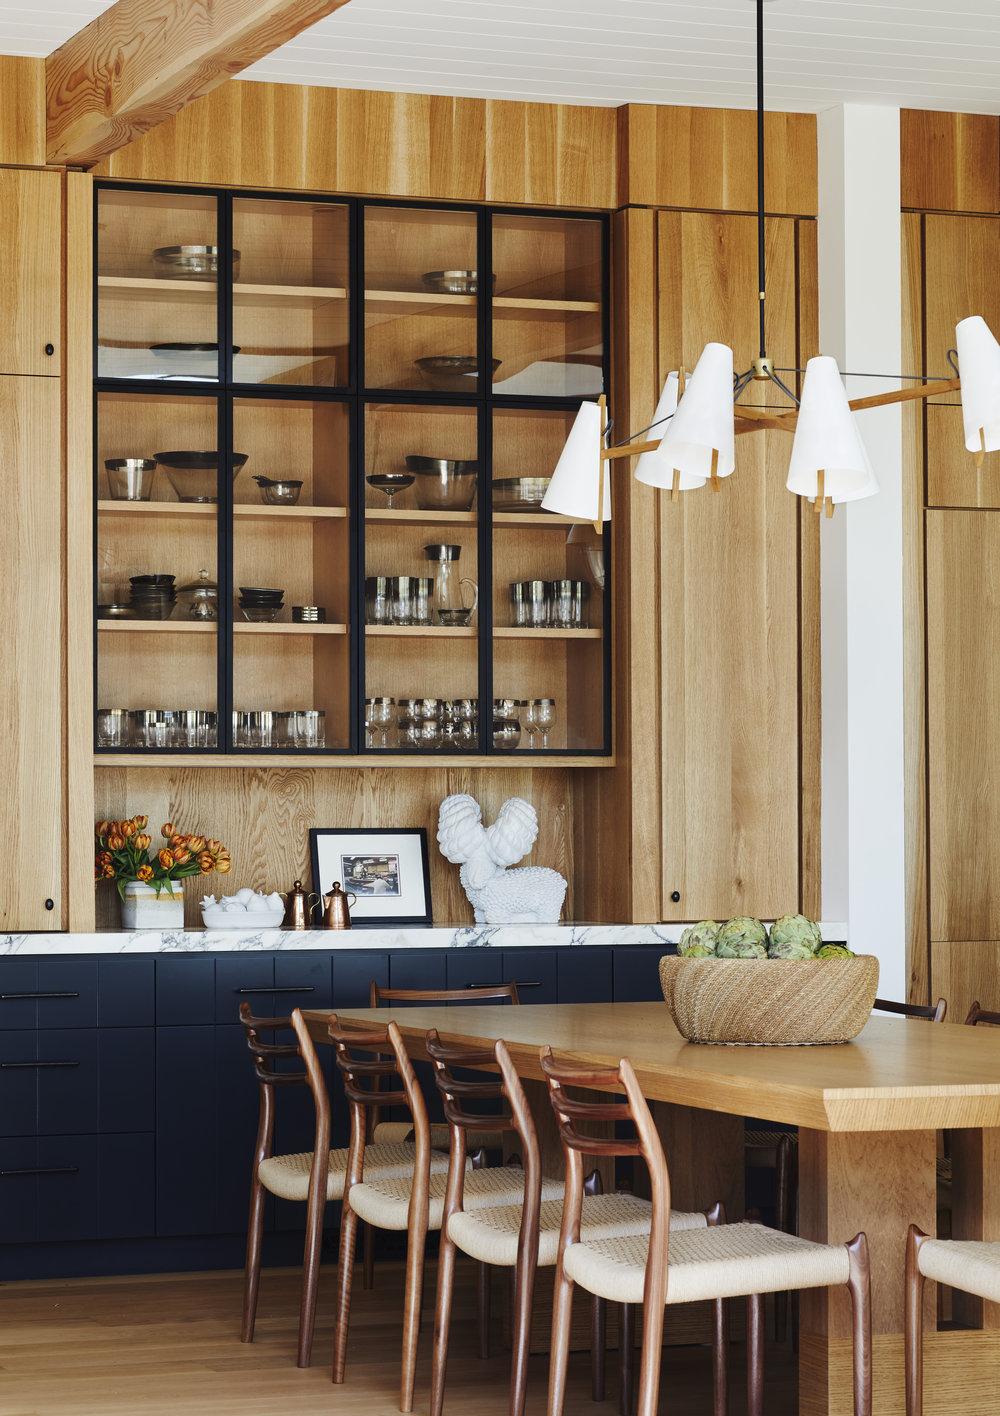 018 Barta Interiors - Mar Vista Residence - Dining Room.jpg